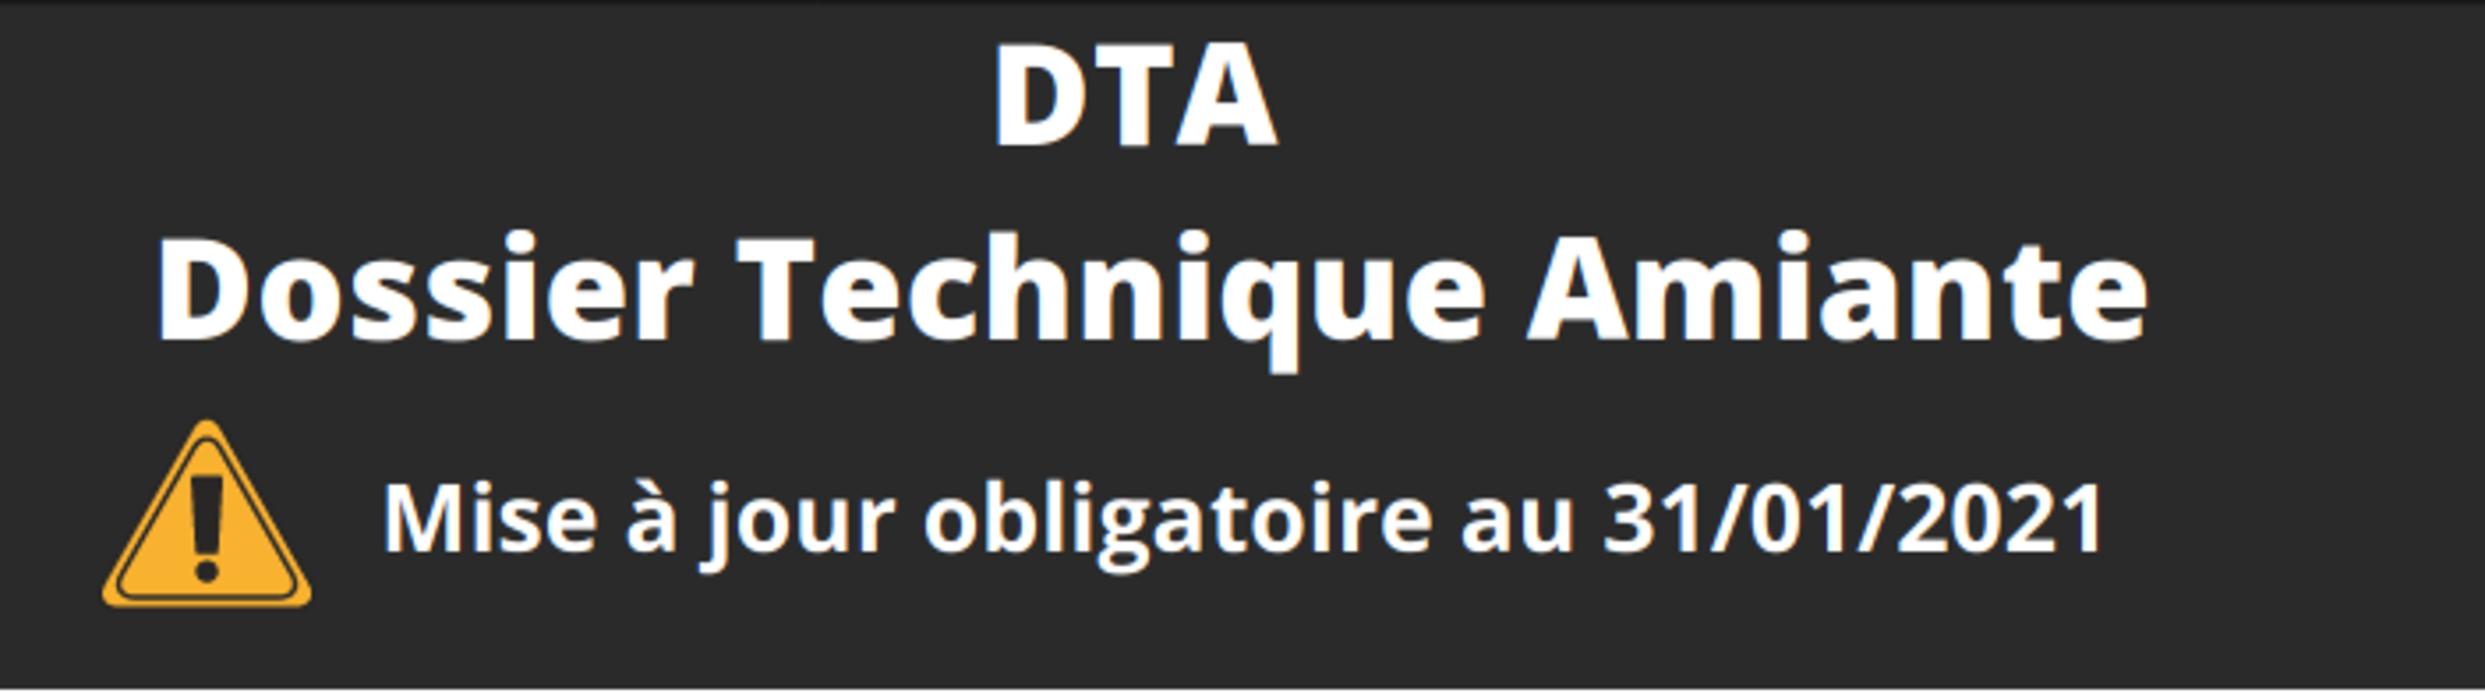 DTA Dossier Technique Amiante 0